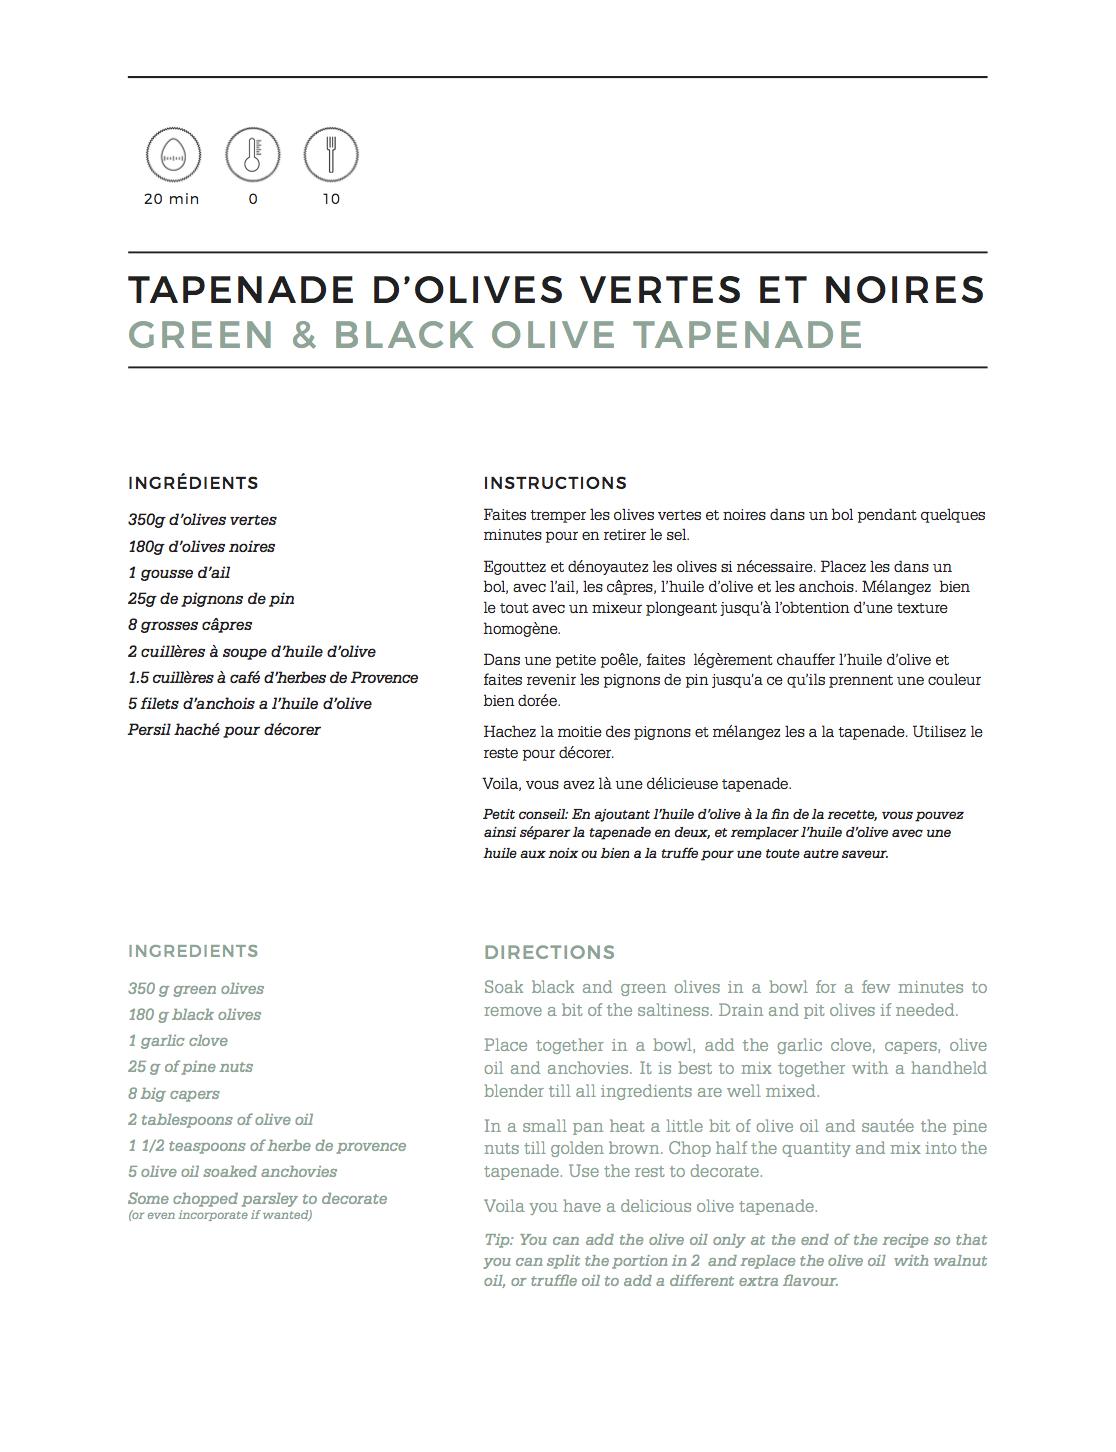 Apero_-_Olive_Tapenade_Recipe_v3-1476987946.jpg